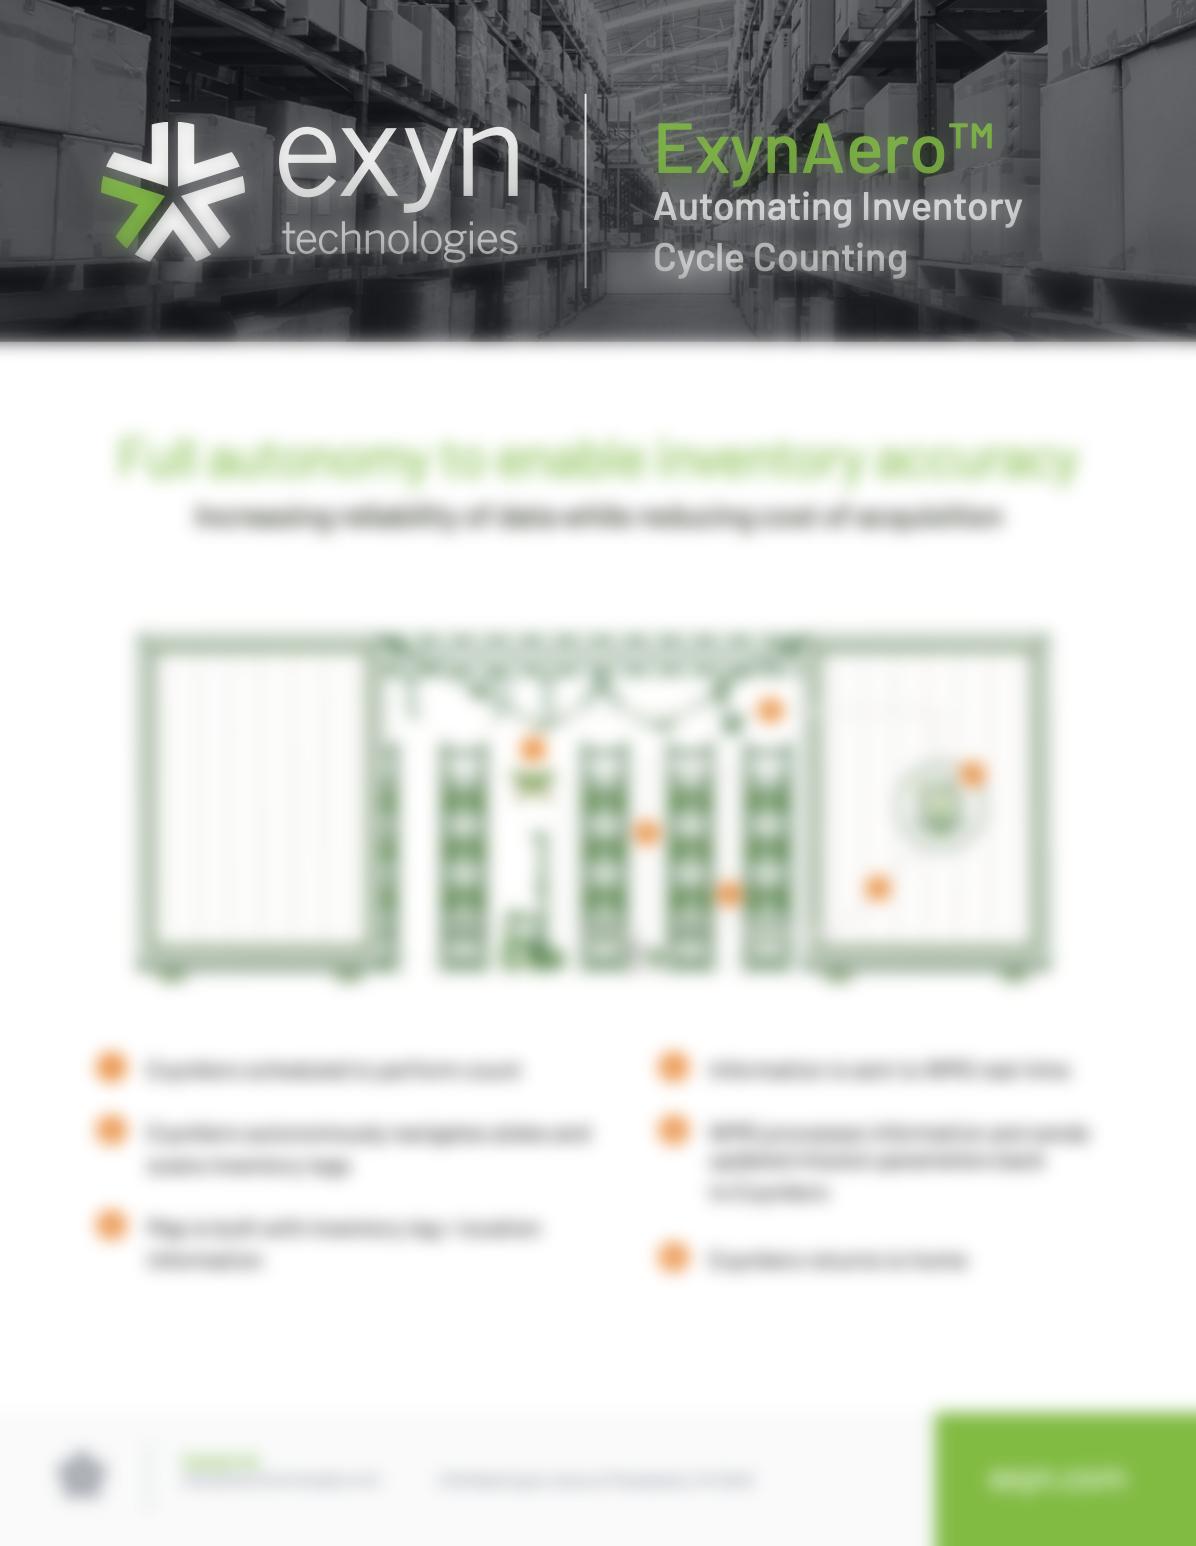 ExynAero-for-Logistics